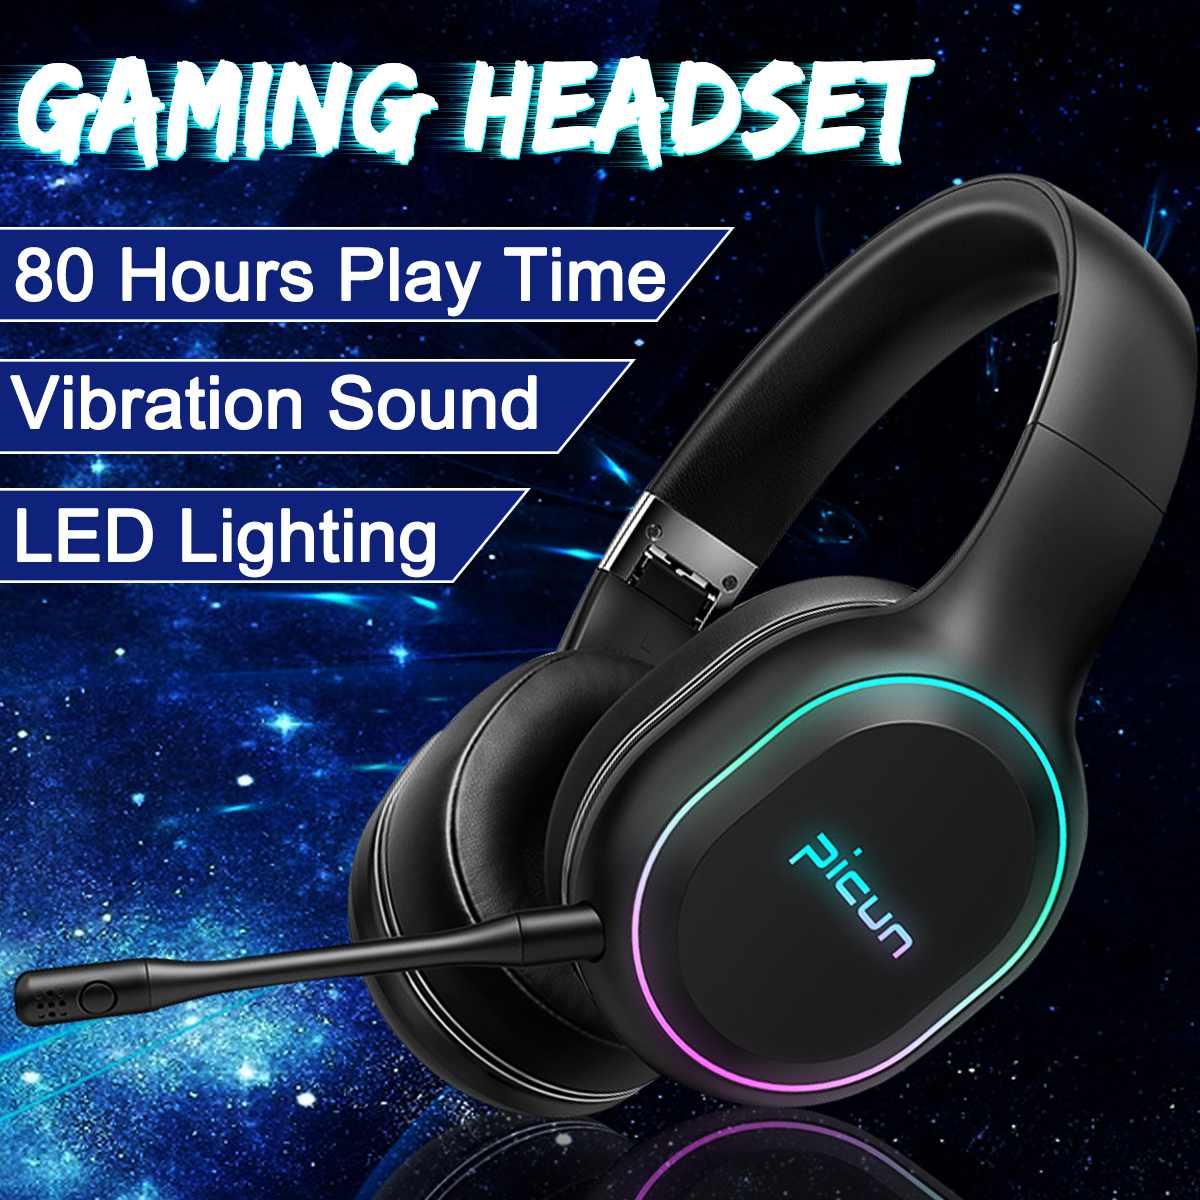 Bluetooth sur l'oreille casque RGB LED Vibration stéréo profonde basse Surround son sans fil casque de jeu écouteur pour Gamer PC